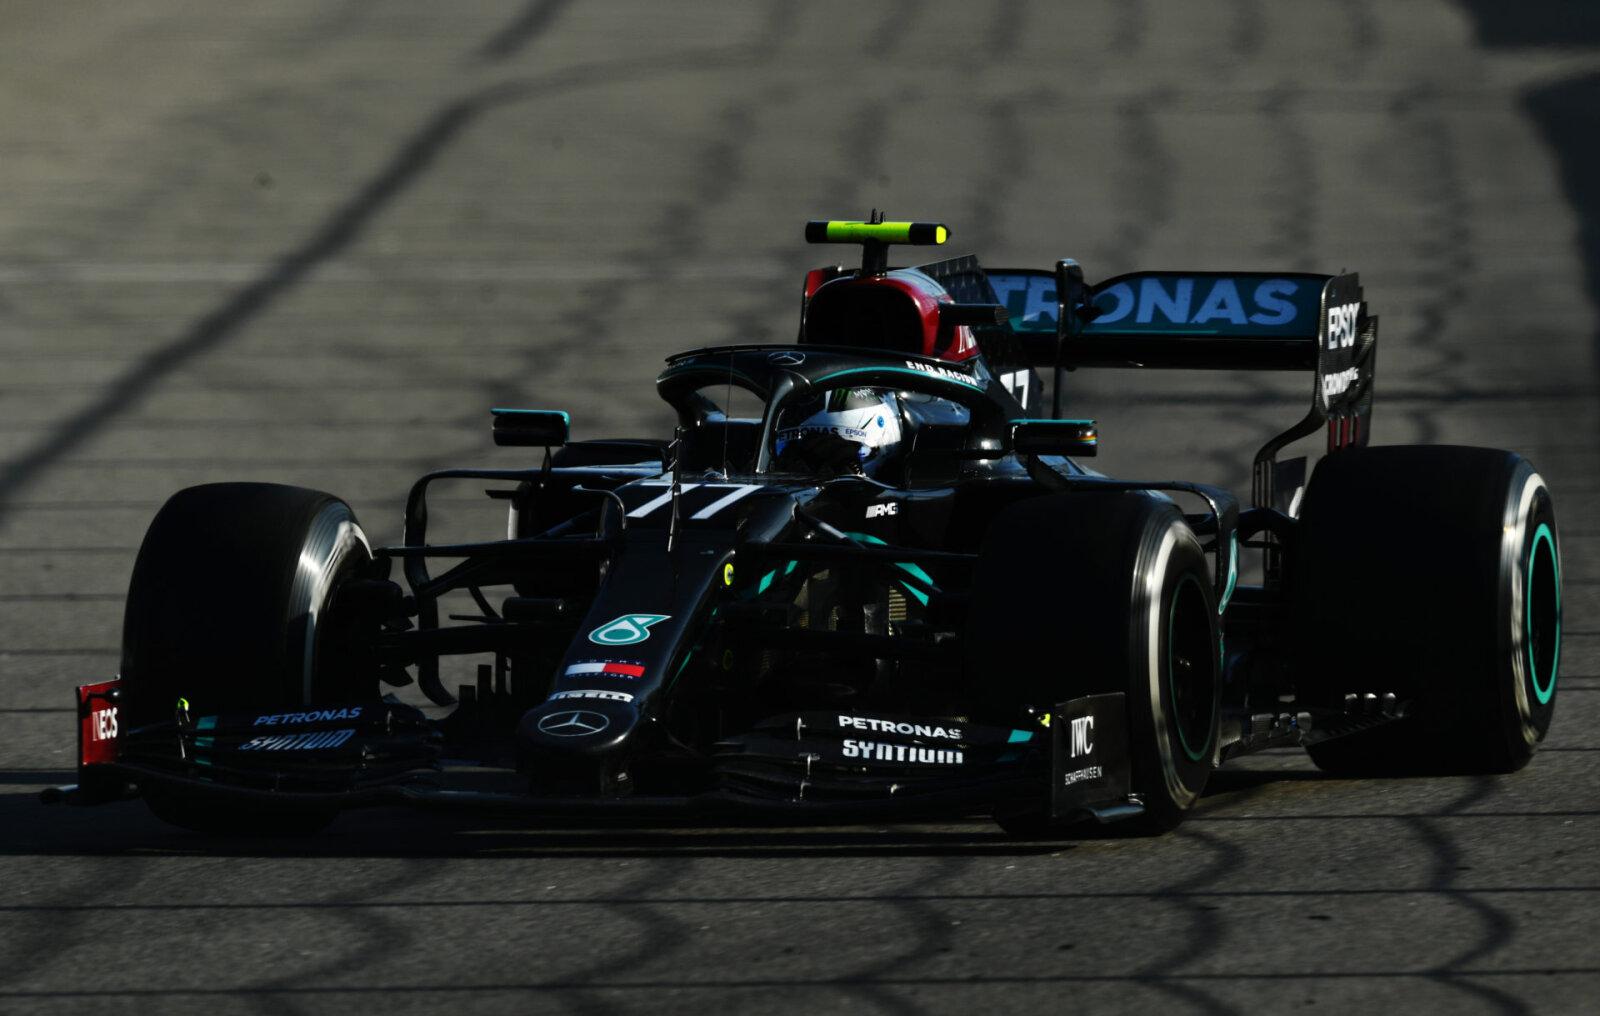 Расписание Гран-при России: когда следующая гонка F1 после Гран-при Италии?